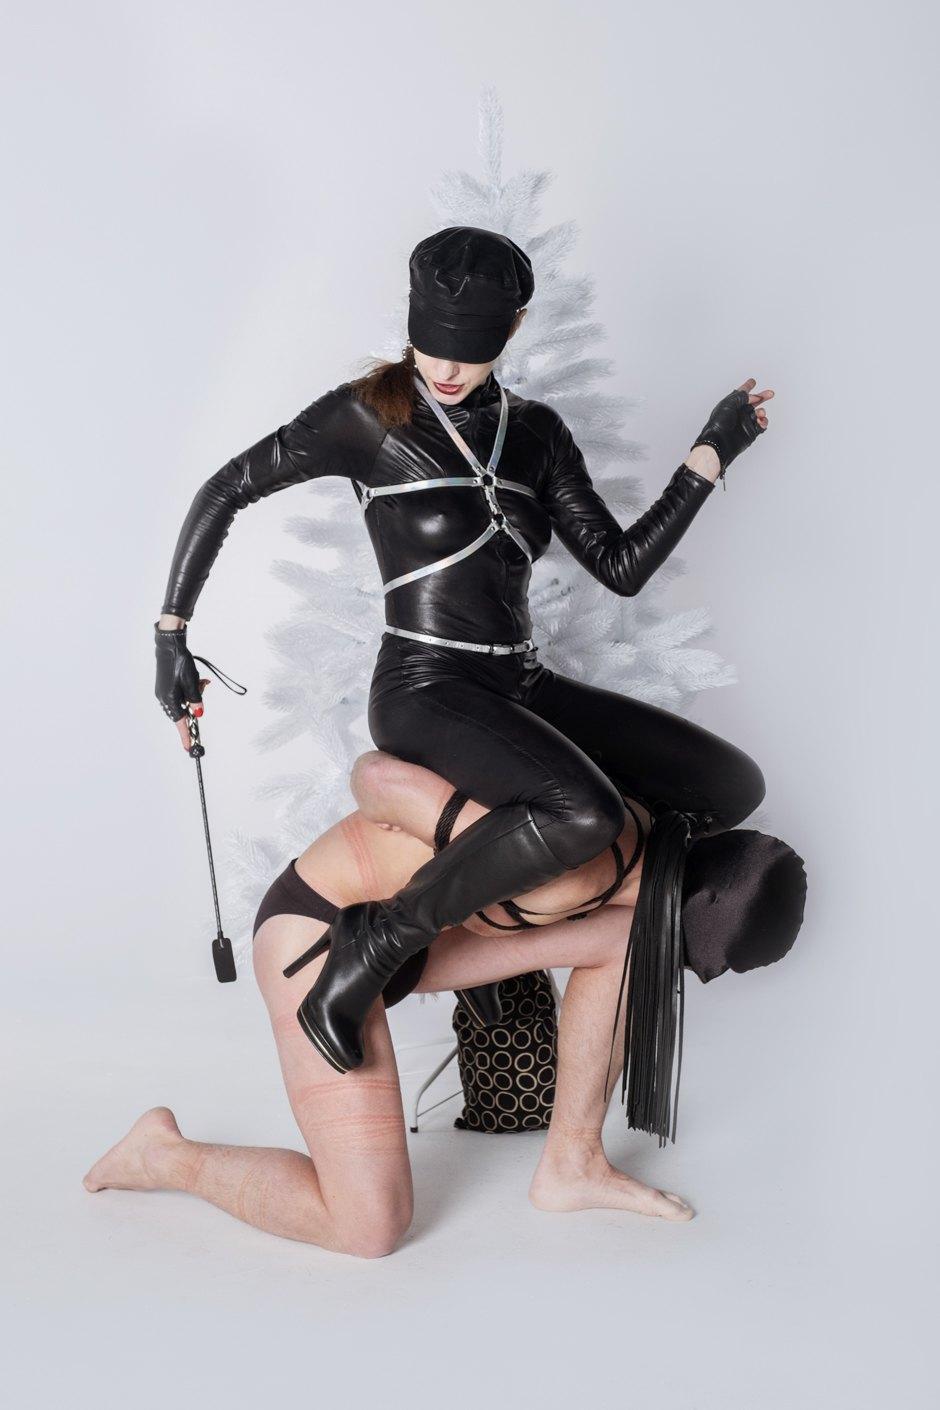 Dominatrix — the hanging men and feminism APdQ8YINXqyLgAmLIpJIQg